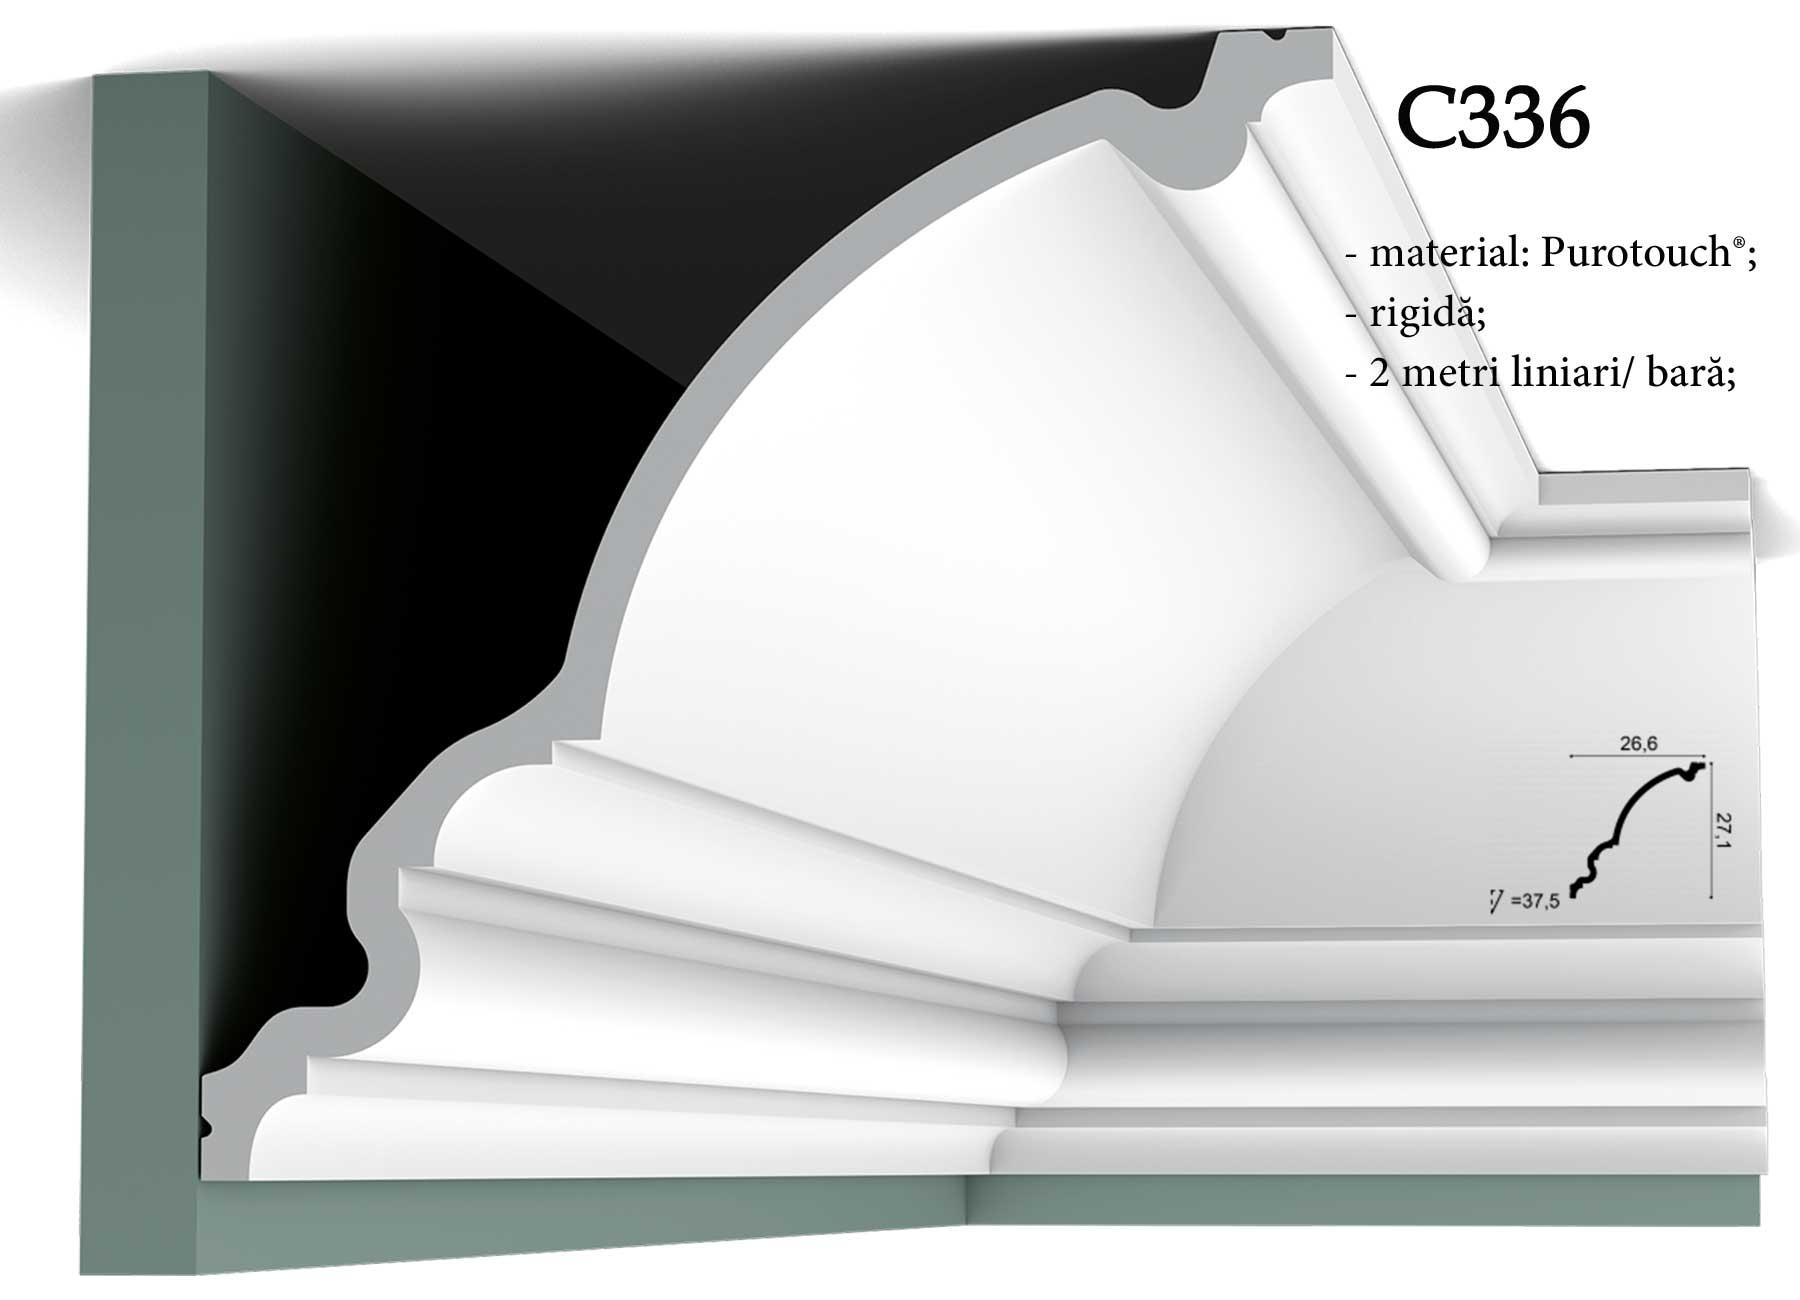 Bliss Art - Cornisa C336 pentru tavan Orac Decor.